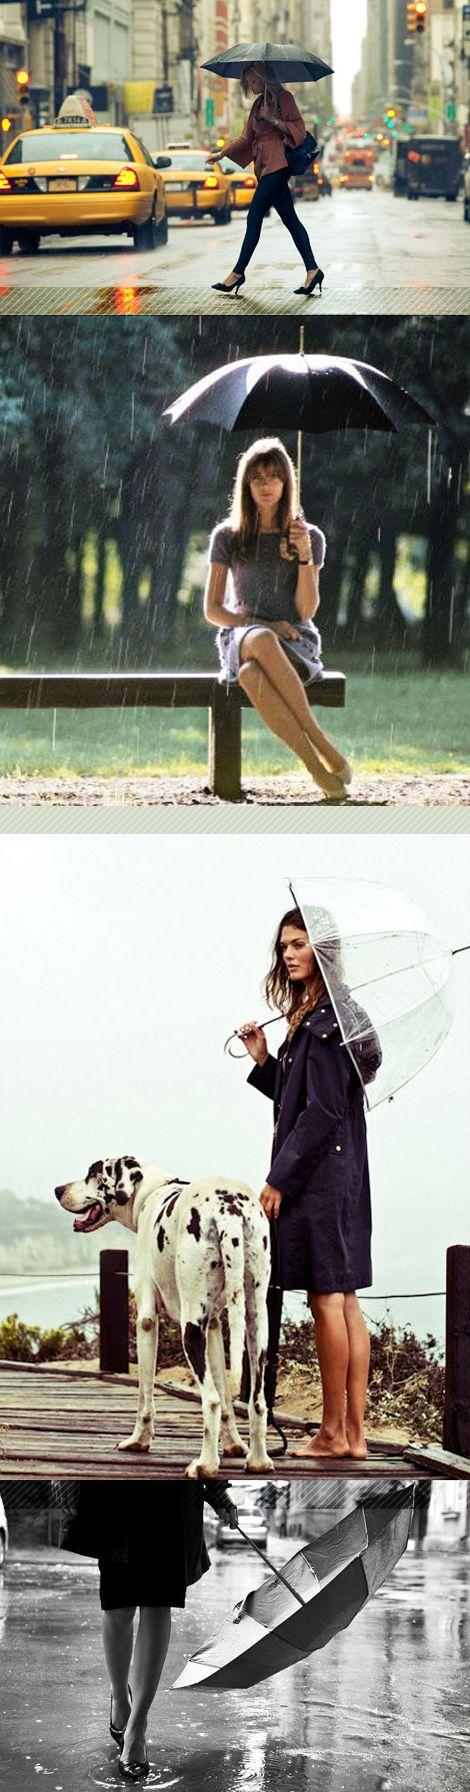 i want a clear umbrella